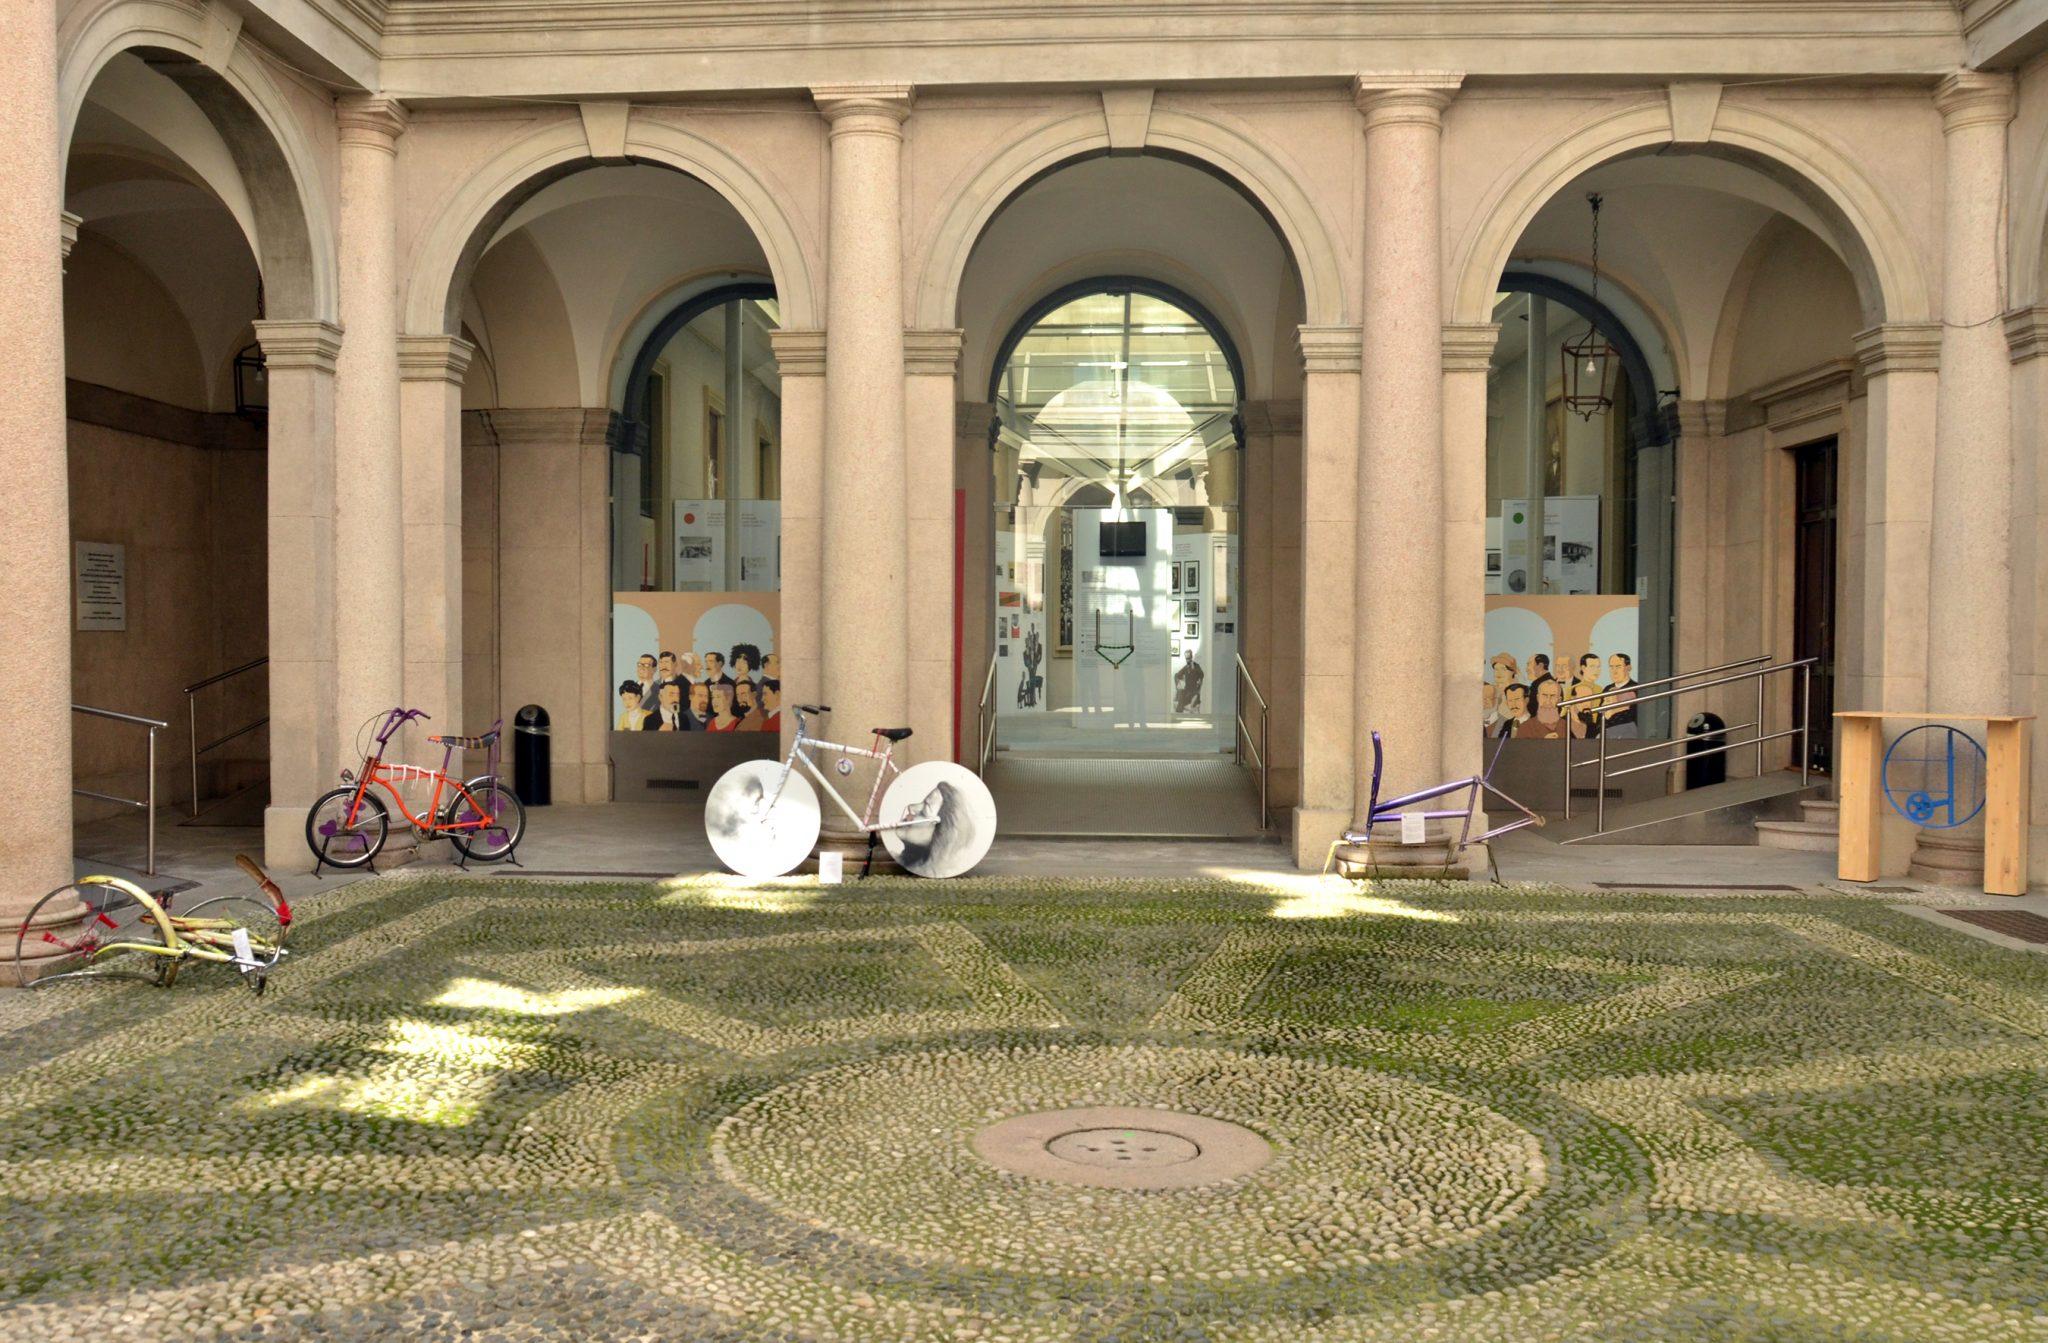 ArtColorBike, Palazzo Moriggia, Museo del Risorgimento, via Borgonuovo, 23 Milano